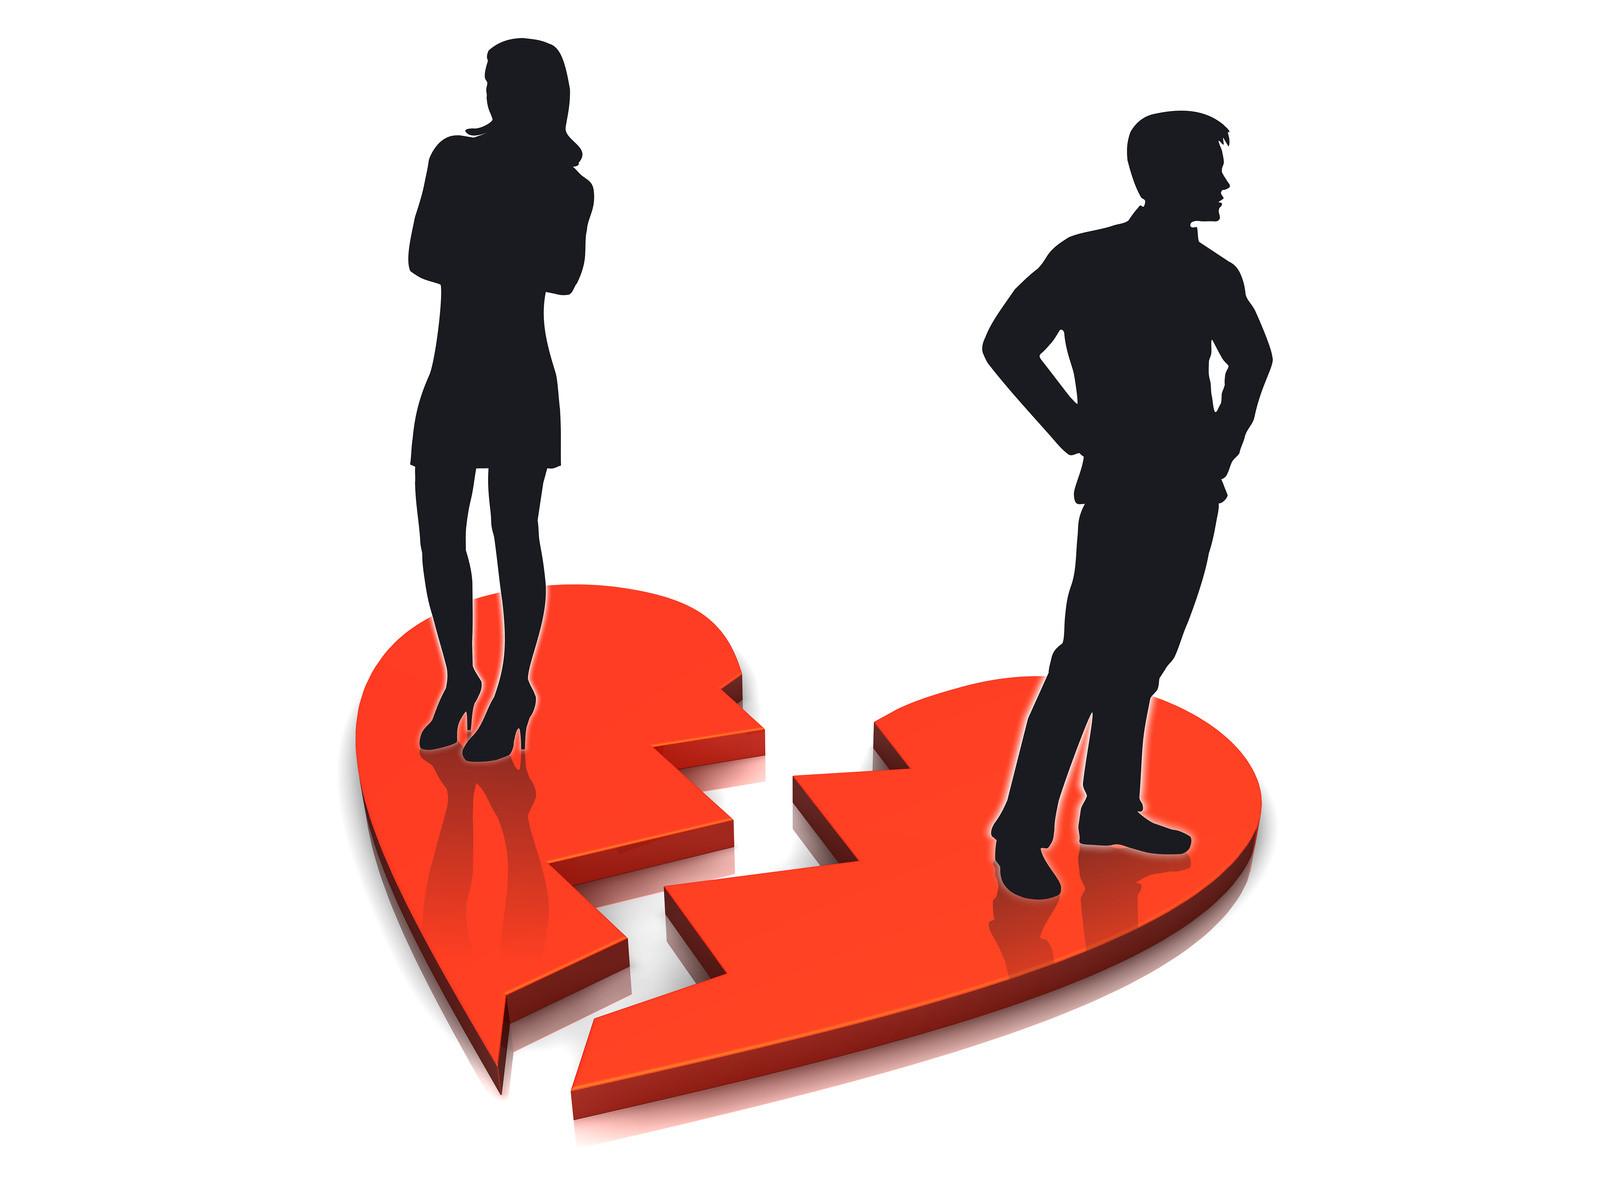 विवाहमा कम खर्च गर्नु पनि तनाव र विछोडको कारक !